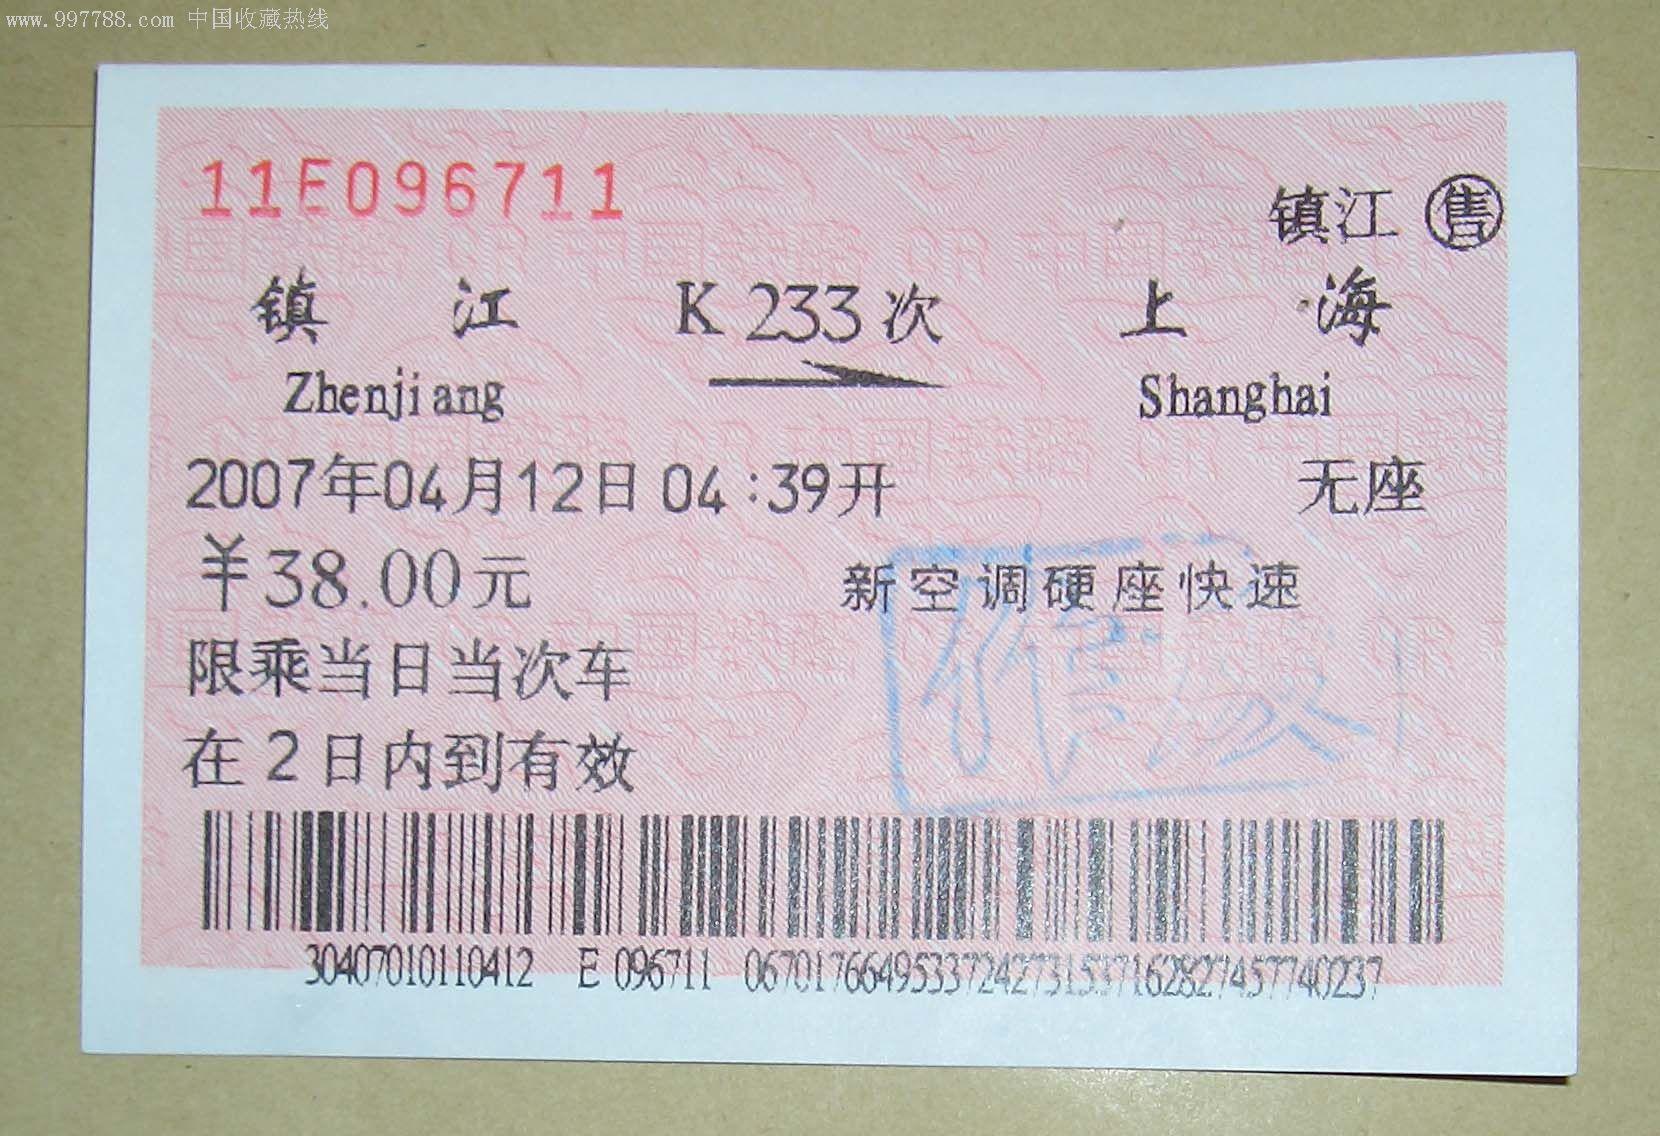 请问k233/k236火车12车厢座位分部是什么样子啊,谢谢图片